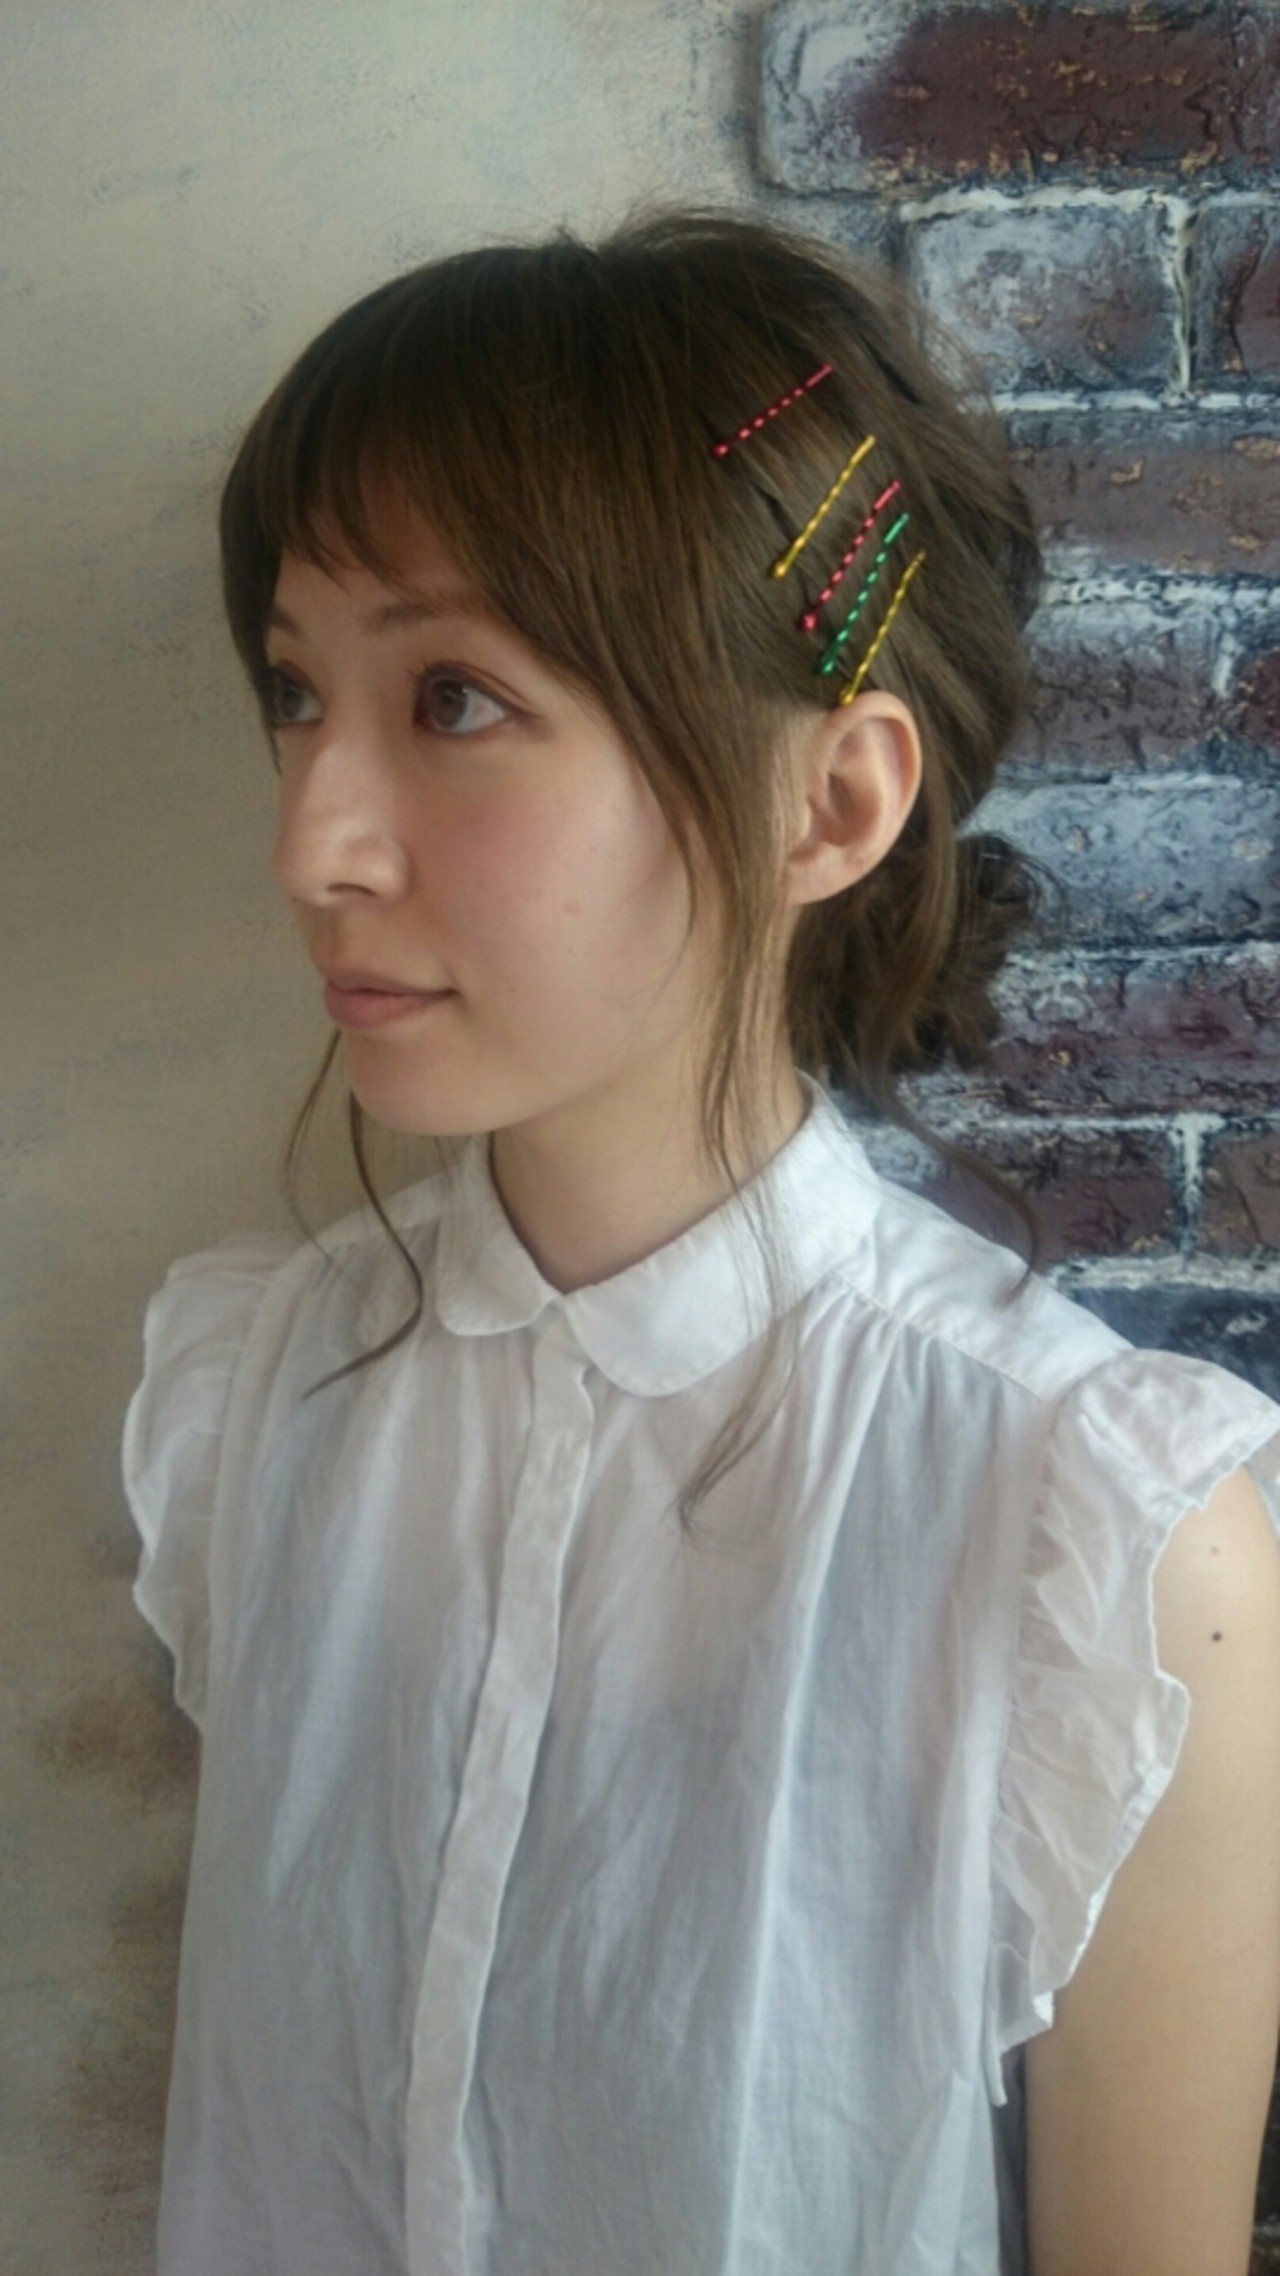 ミディアム ショート 前髪あり ガーリー ヘアスタイルや髪型の写真・画像 | 村松芳幸 / parade